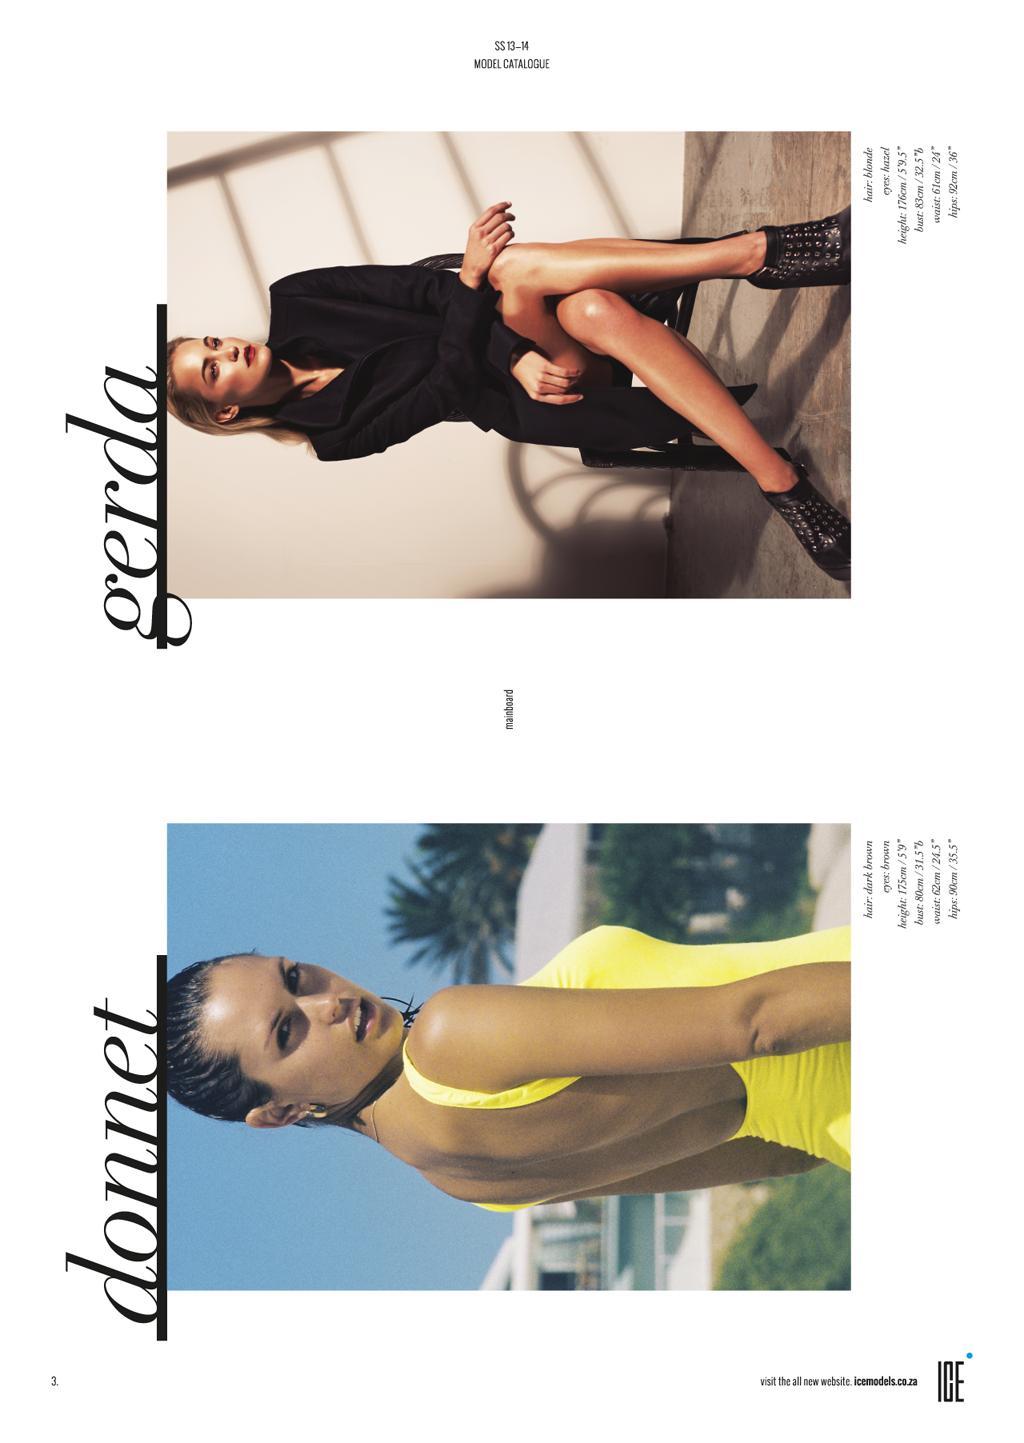 ALL_PAGES-Portrait_c2p-4.png